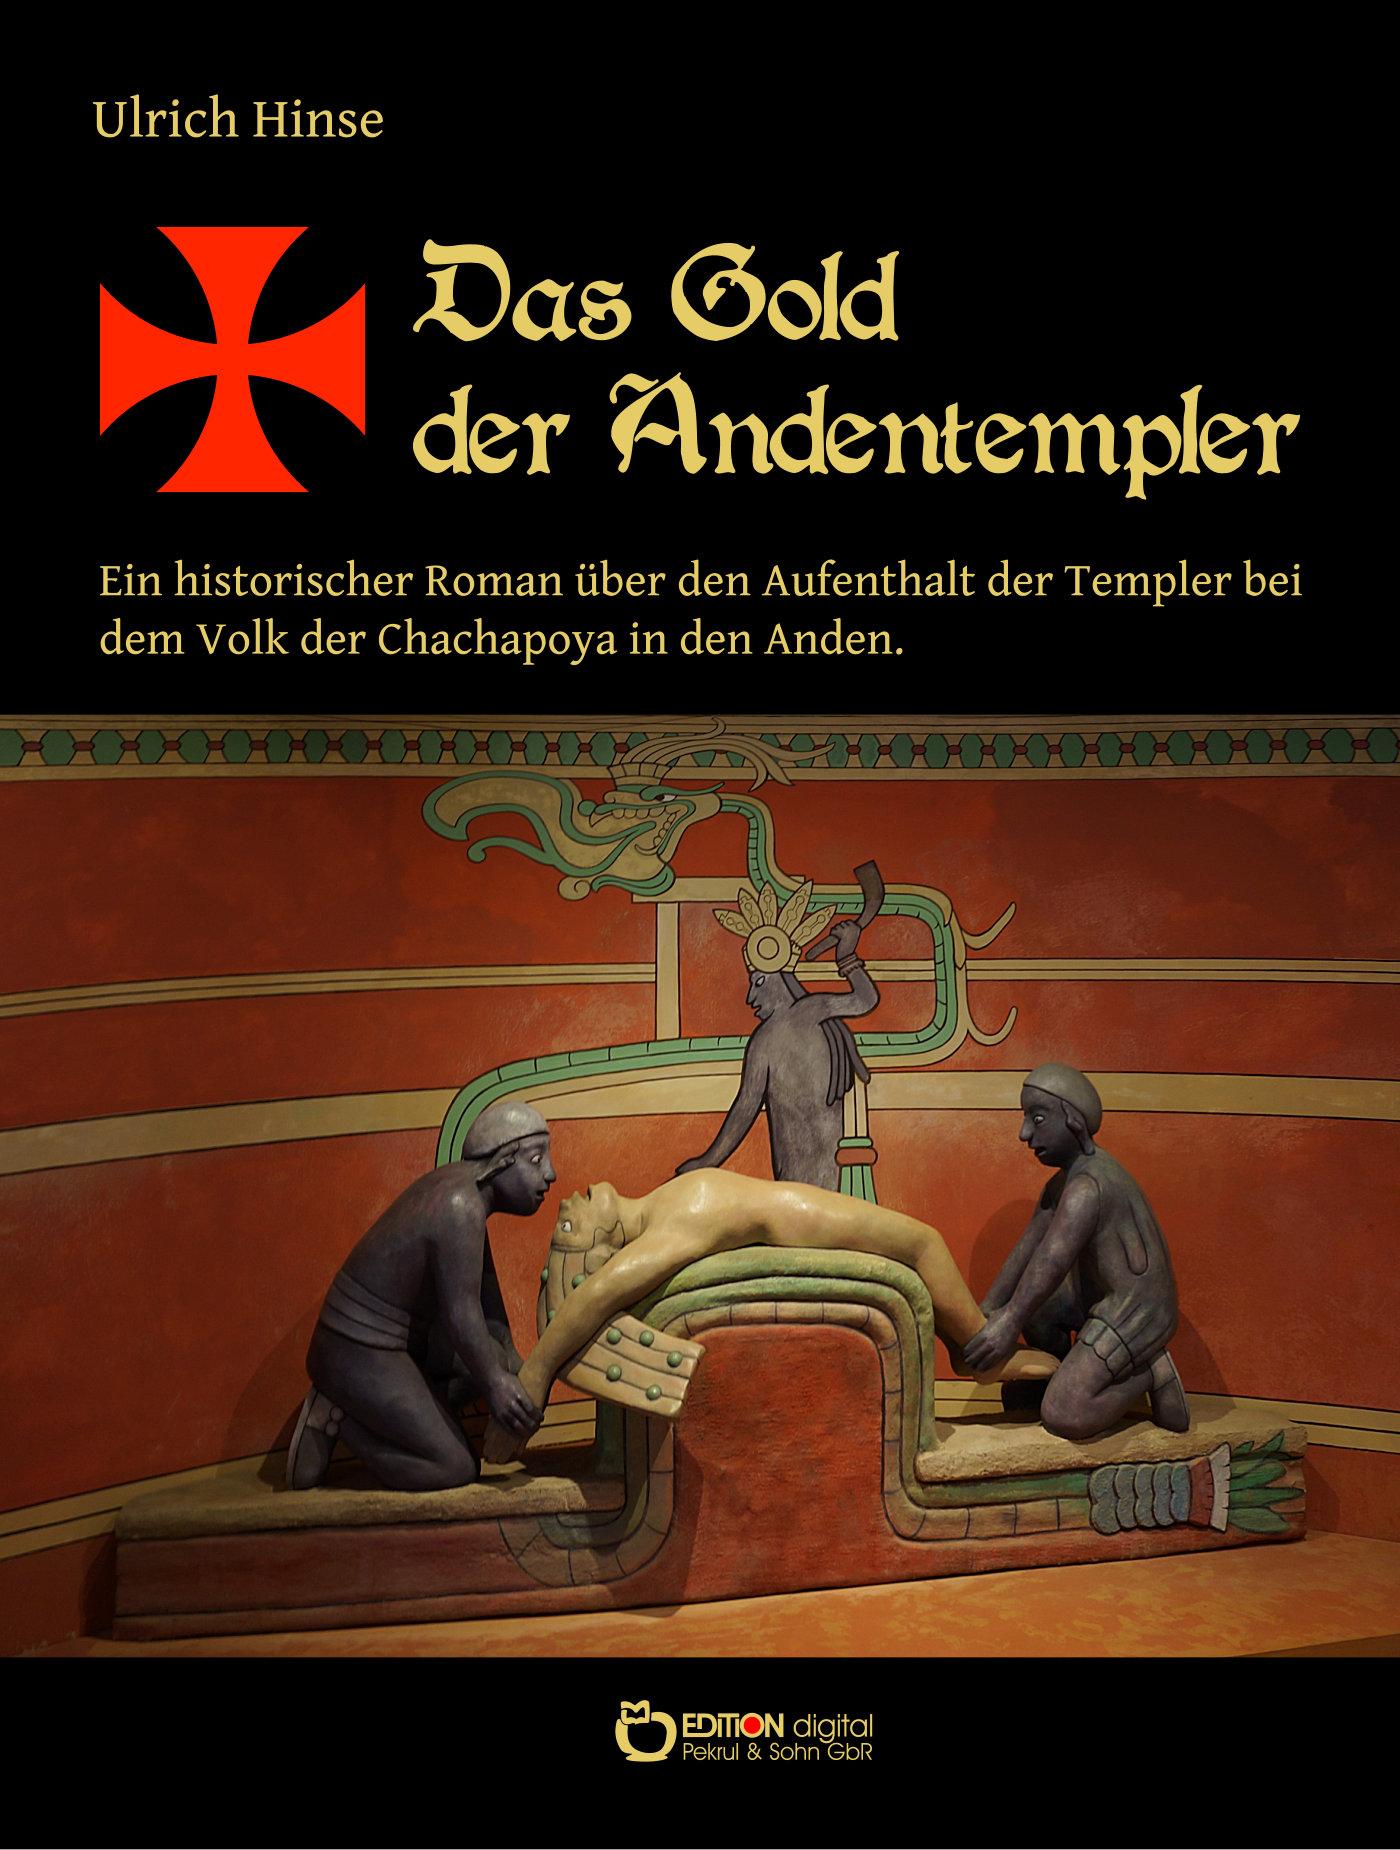 Das Gold der Andentempler. Ein historischer Roman über den Aufenthalt der Templer bei dem Volk der Chachapoya in den Anden (Das Gold der Templer, Teil 3) von Ulrich Hinse